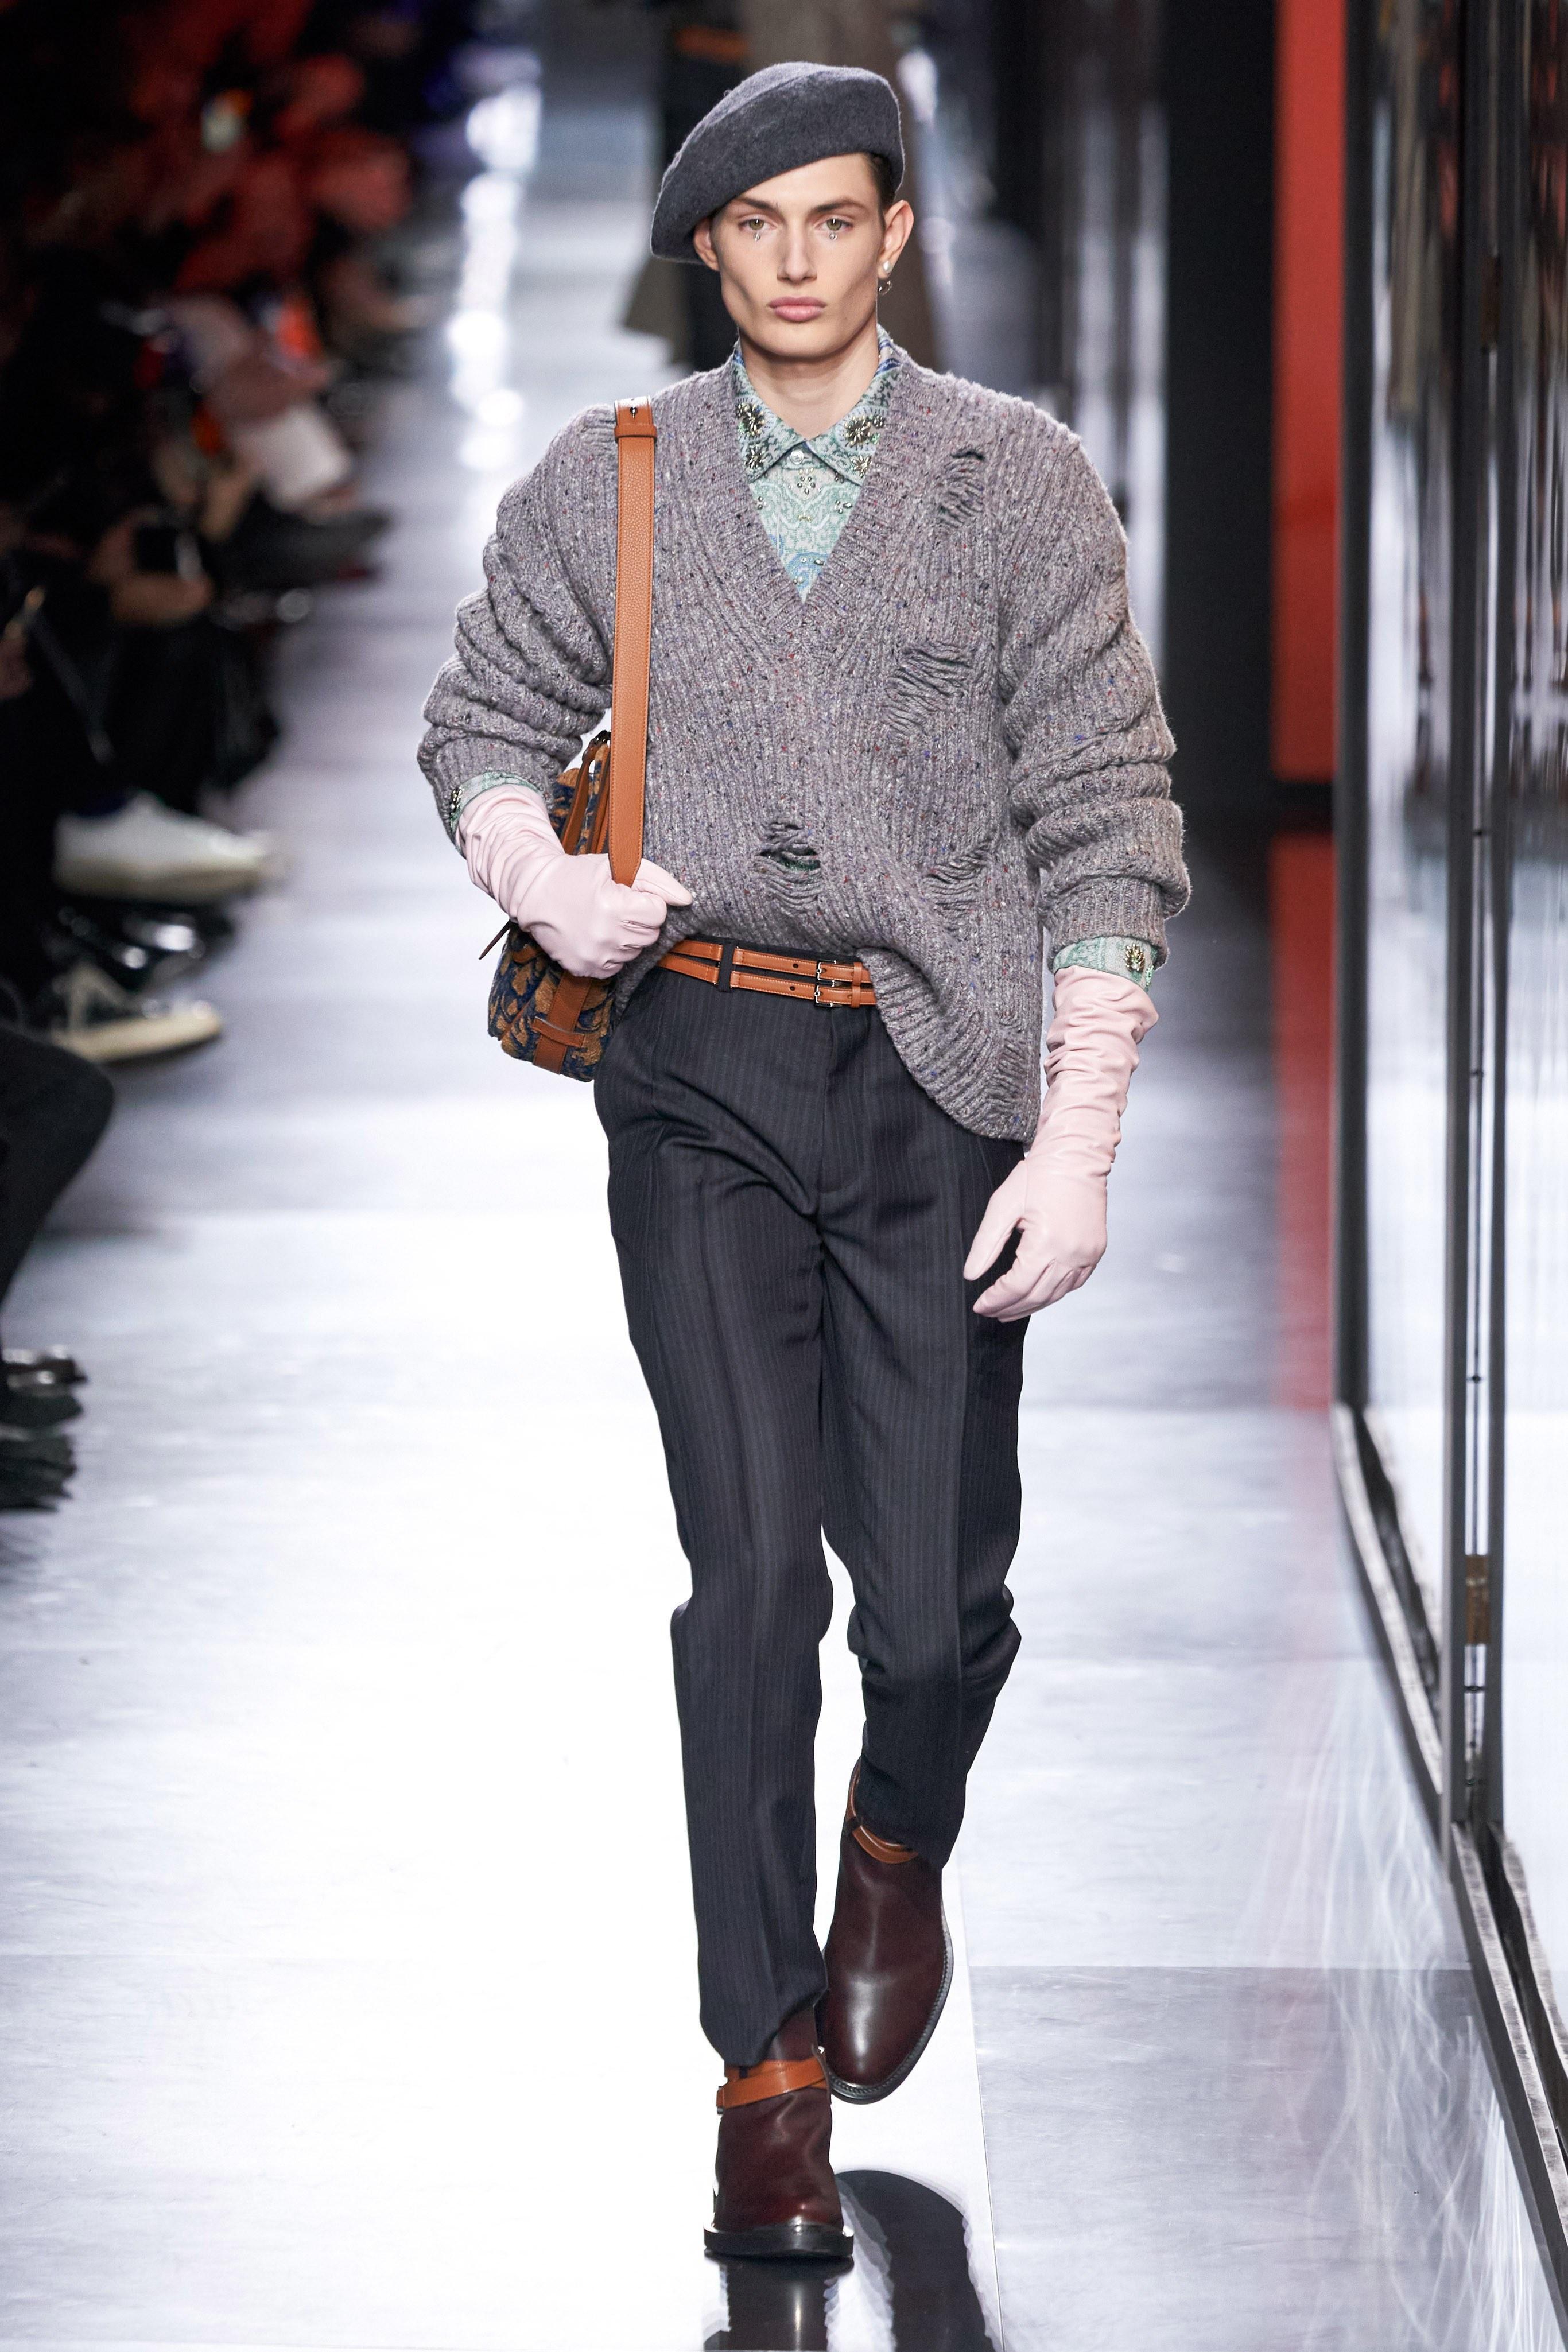 Áo khoác hoa, găng tay dài - Dior nâng thời trang nam lên tầm cao mới Ảnh 4